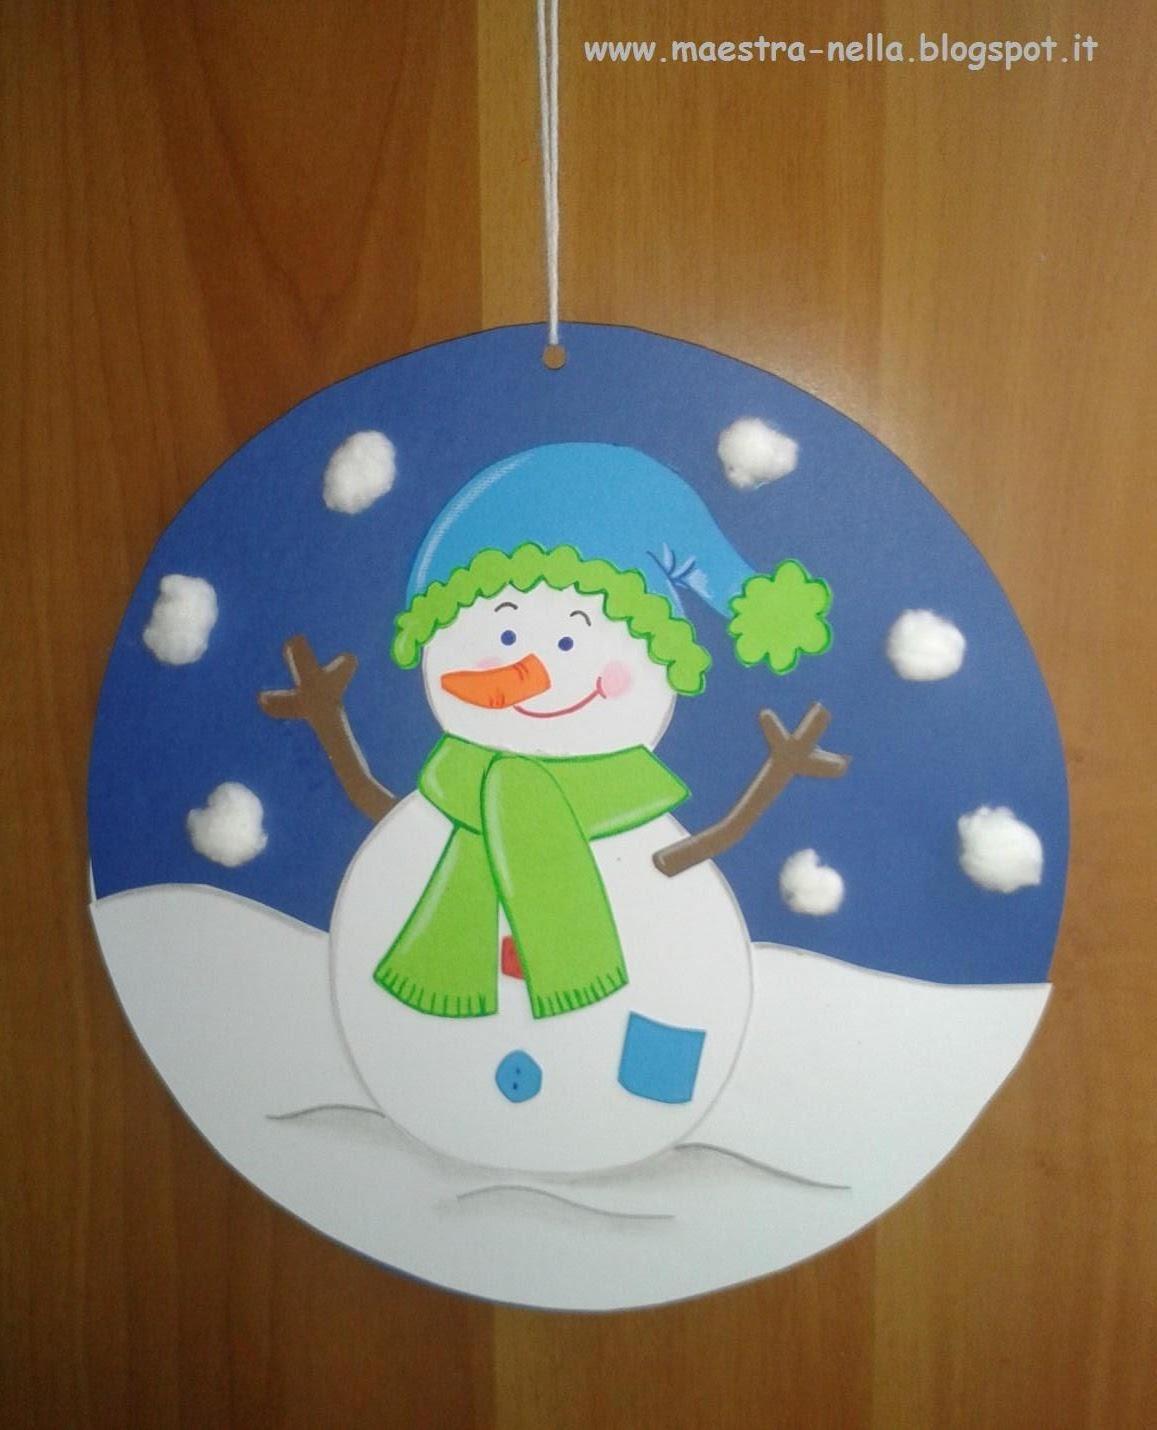 Maestra nella addobbi invernali for Addobbi per la classe natale